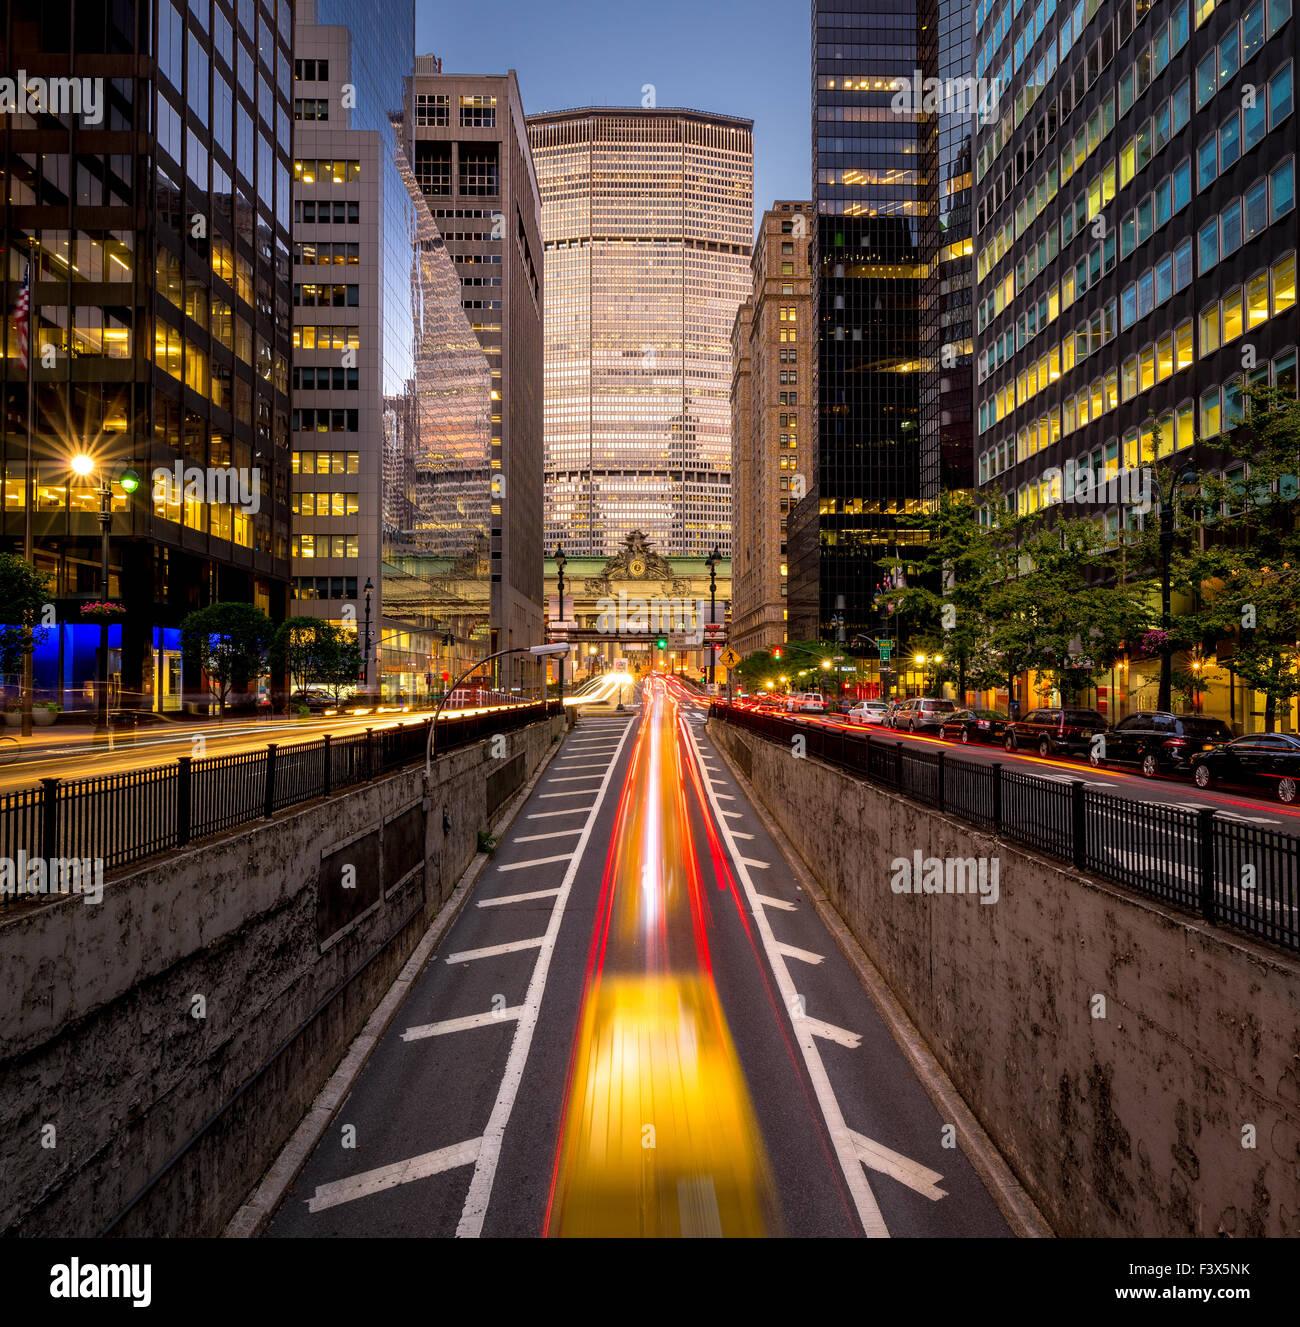 Alquiler de estelas de luz en Park Avenue South, Midtown, Manhattan. Luz del atardecer sobre la ciudad de Nueva Imagen De Stock